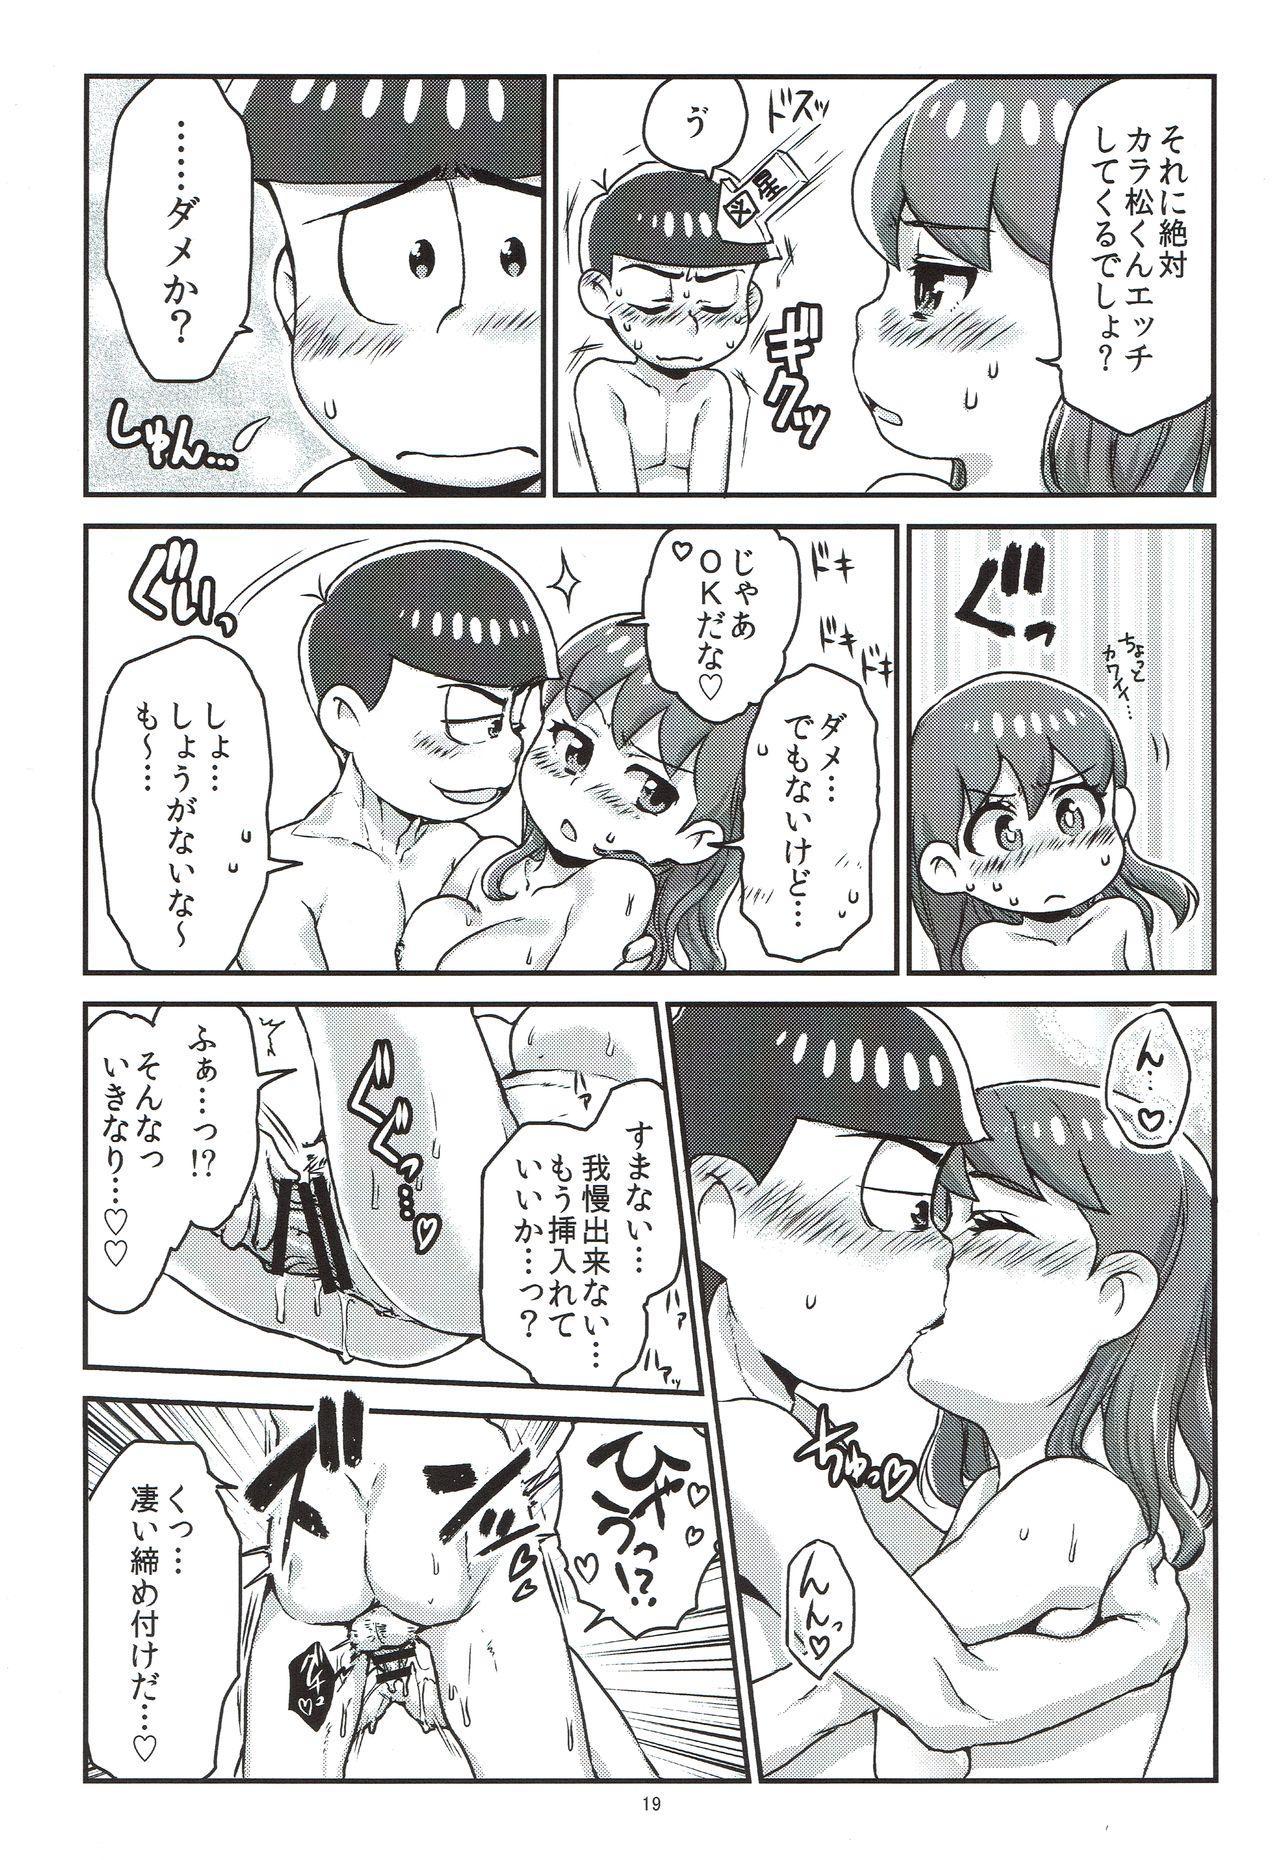 Mutsugo to Totoko-chan no Juukon Seikatsu 19